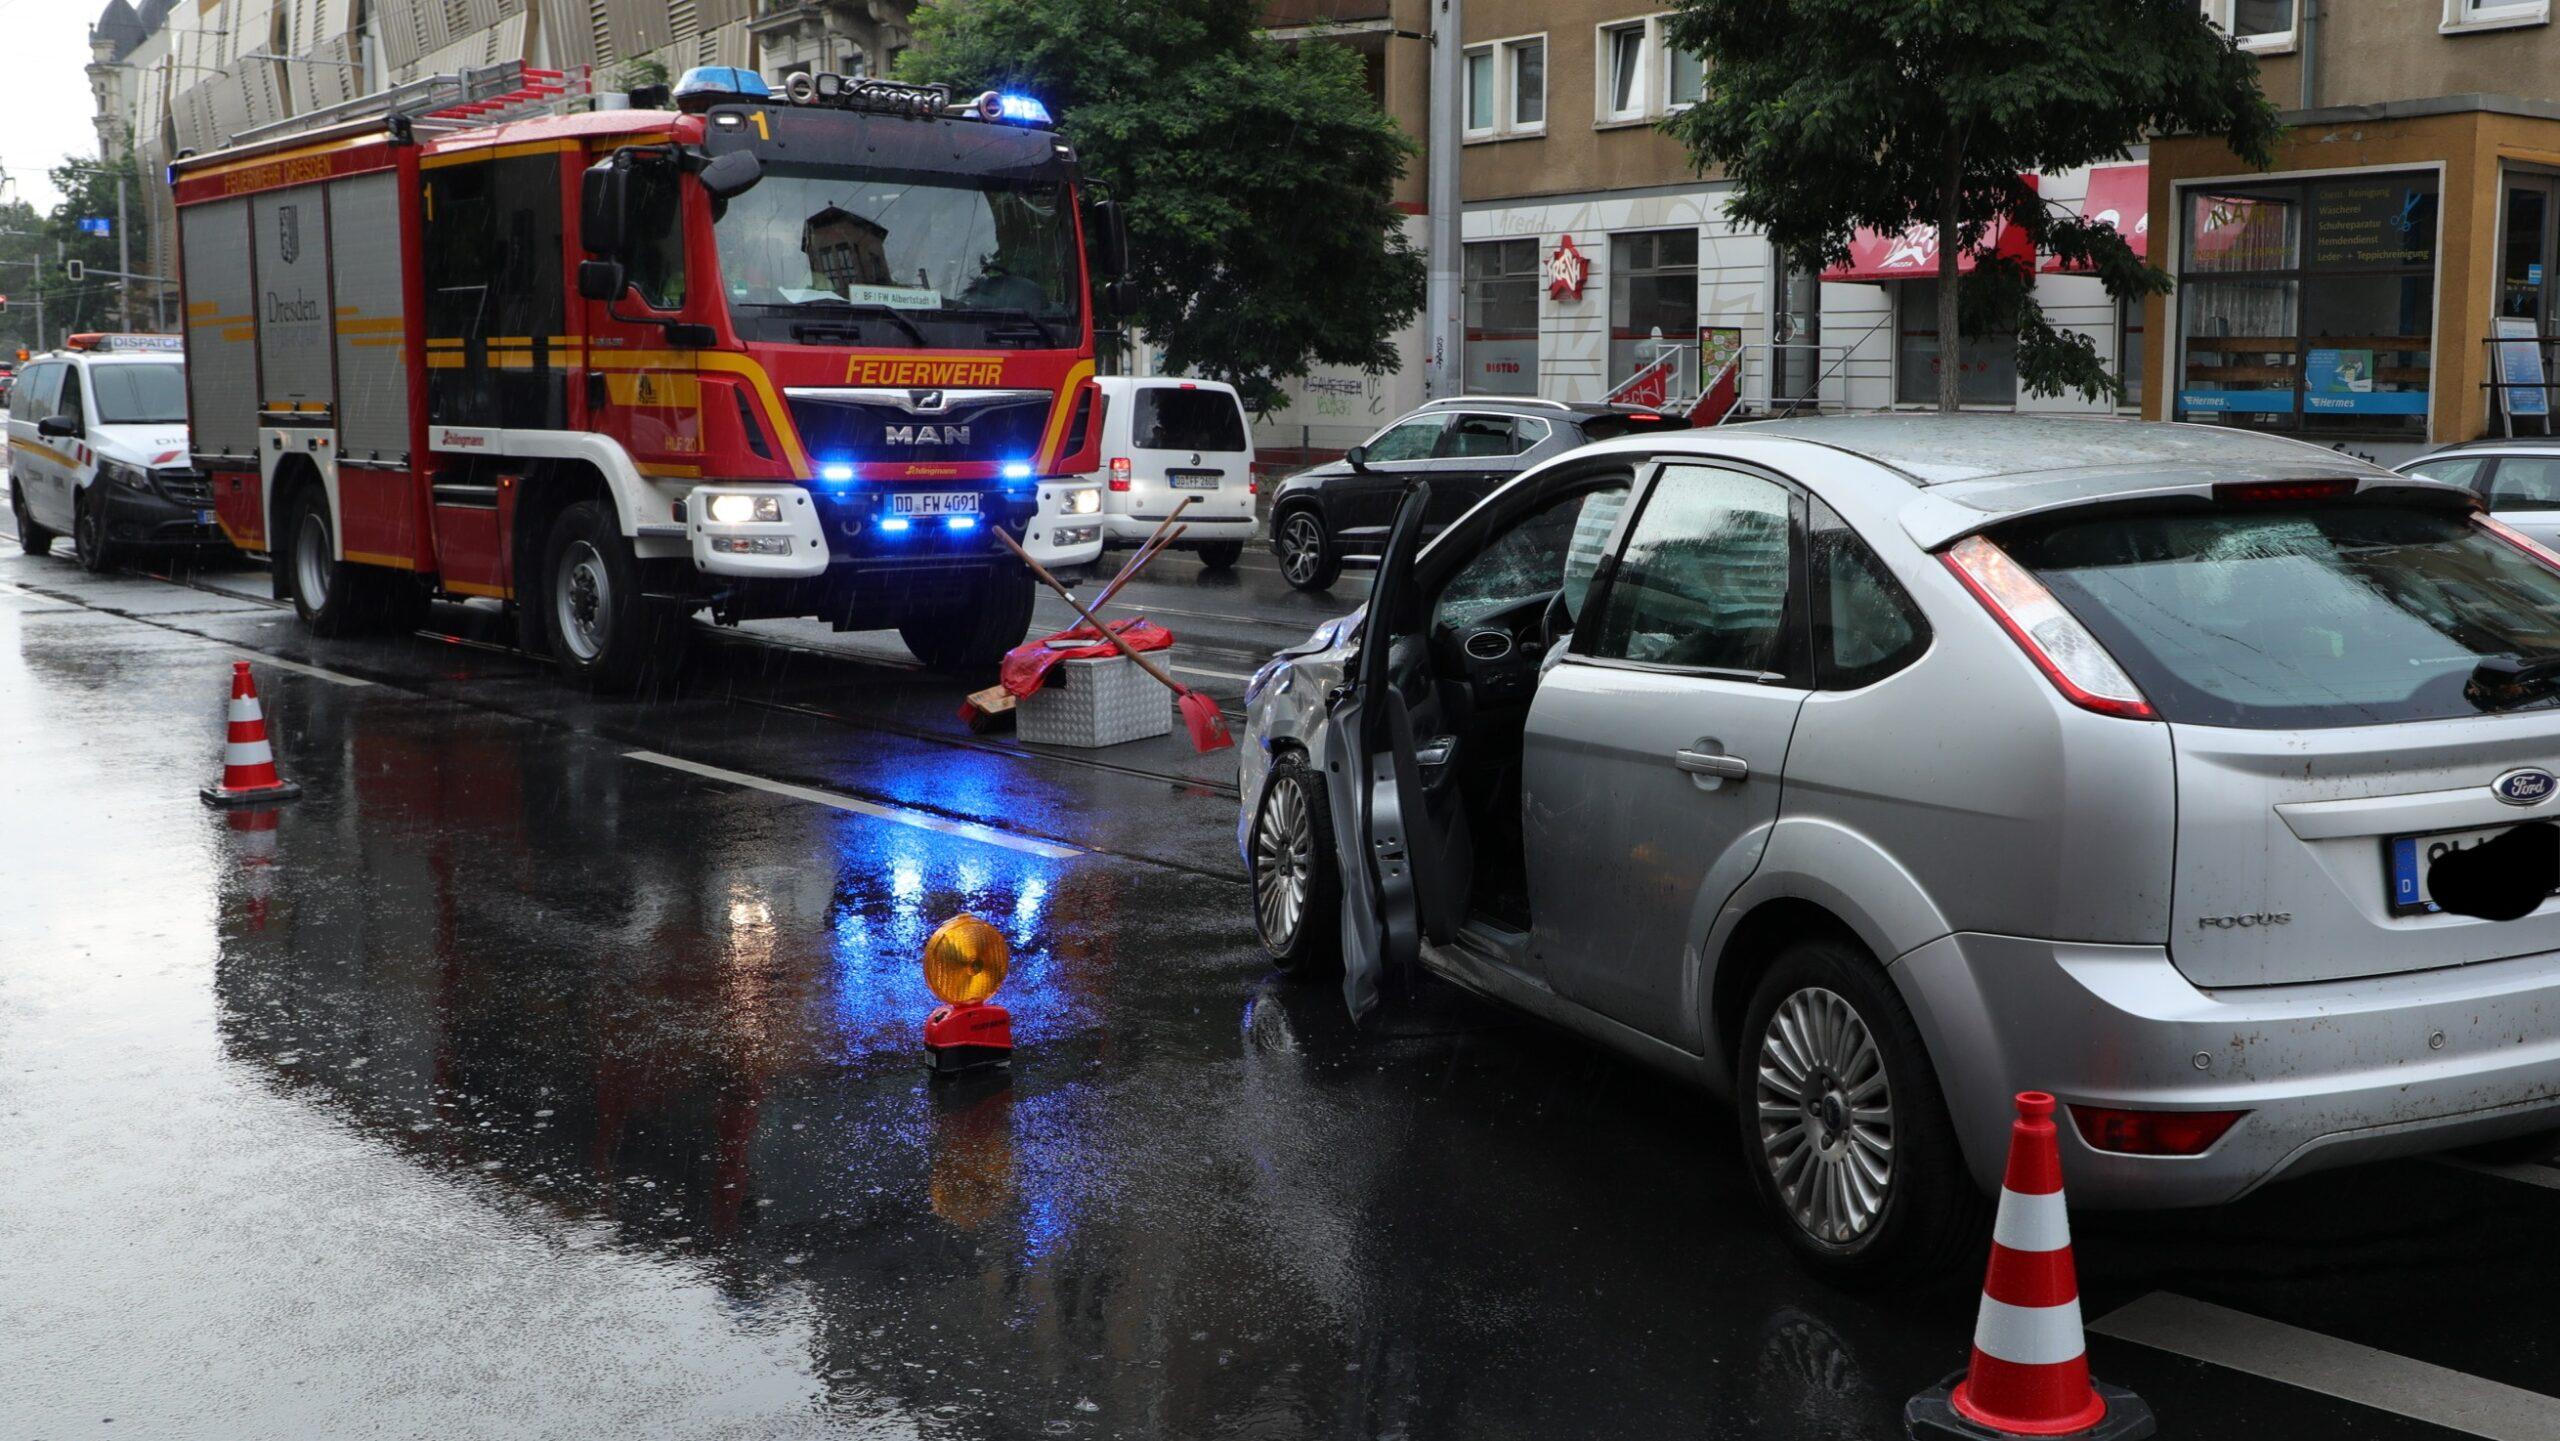 Feuerwehr im Einsatz auf der Bautzner Straße - Foto: Roland Halkasch